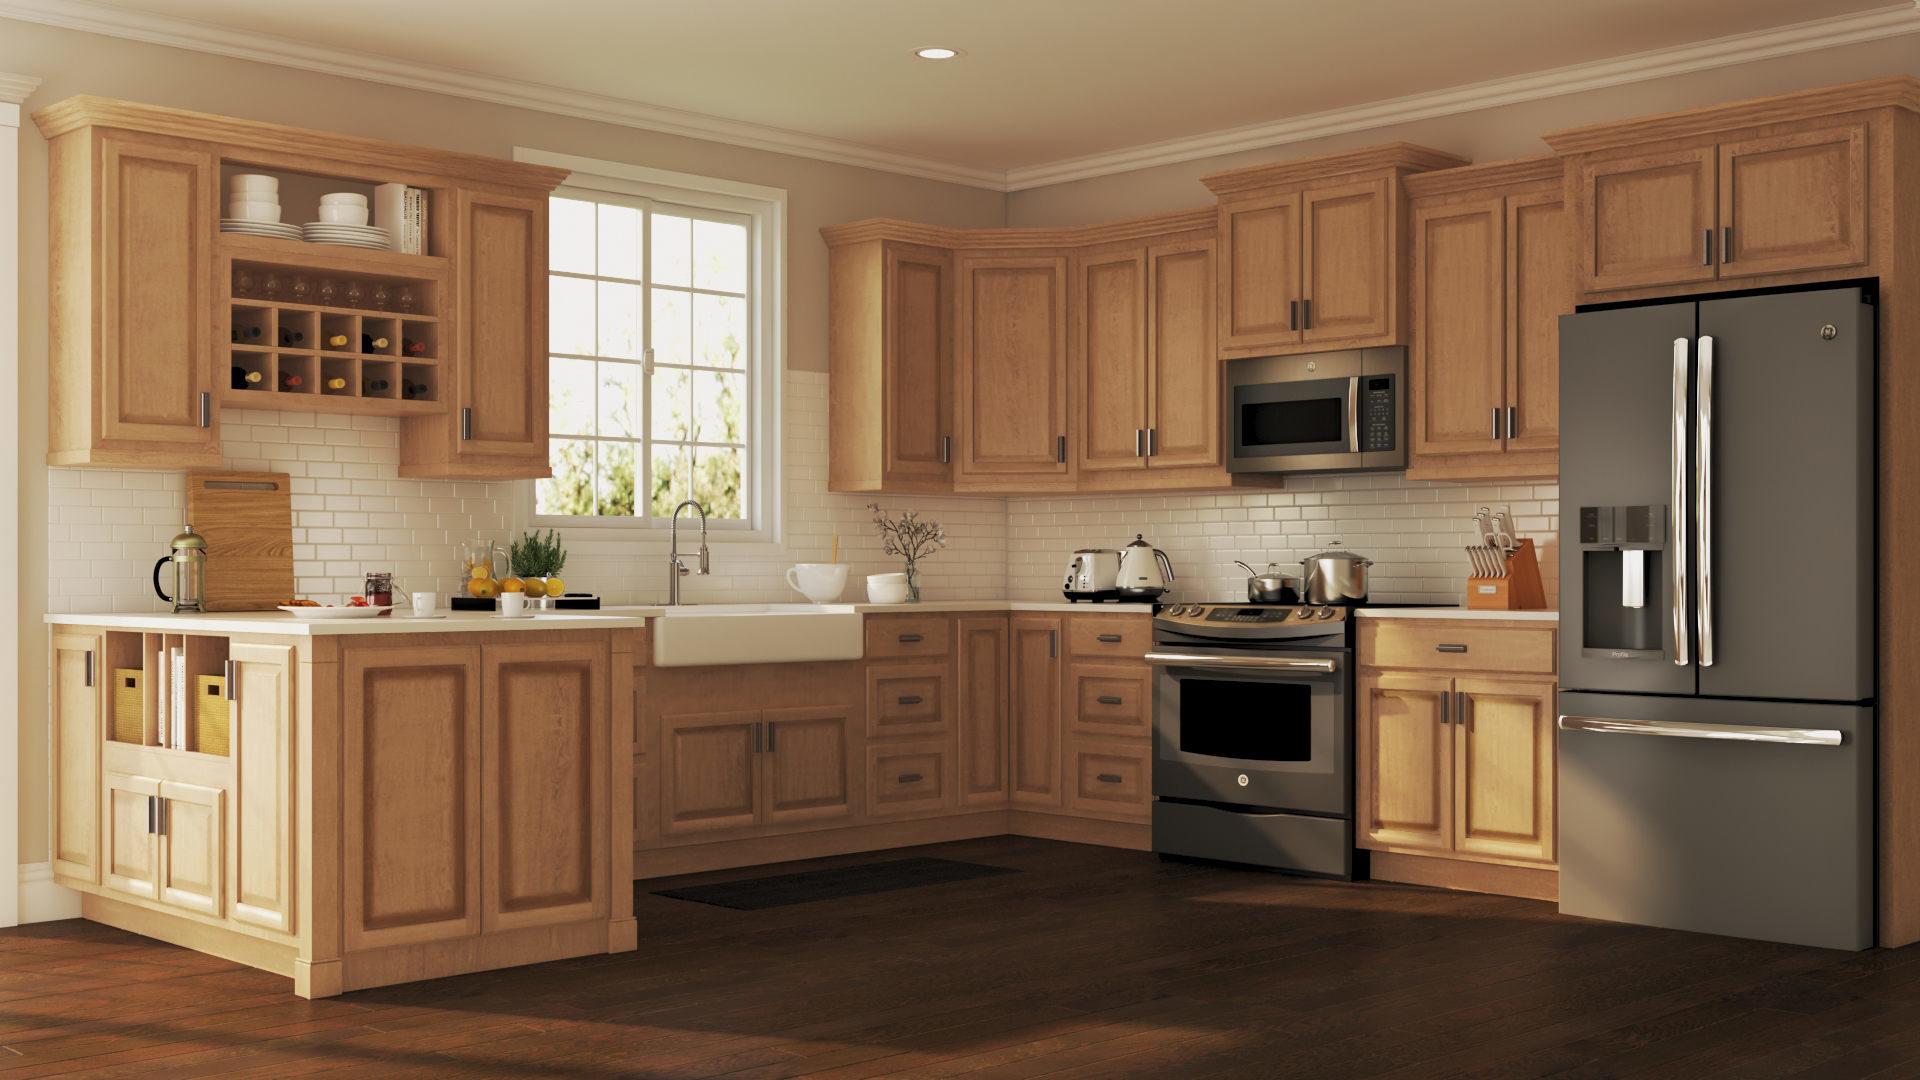 راهنمای انتخاب بهترین رنگ بندی کابینت آشپزخانه